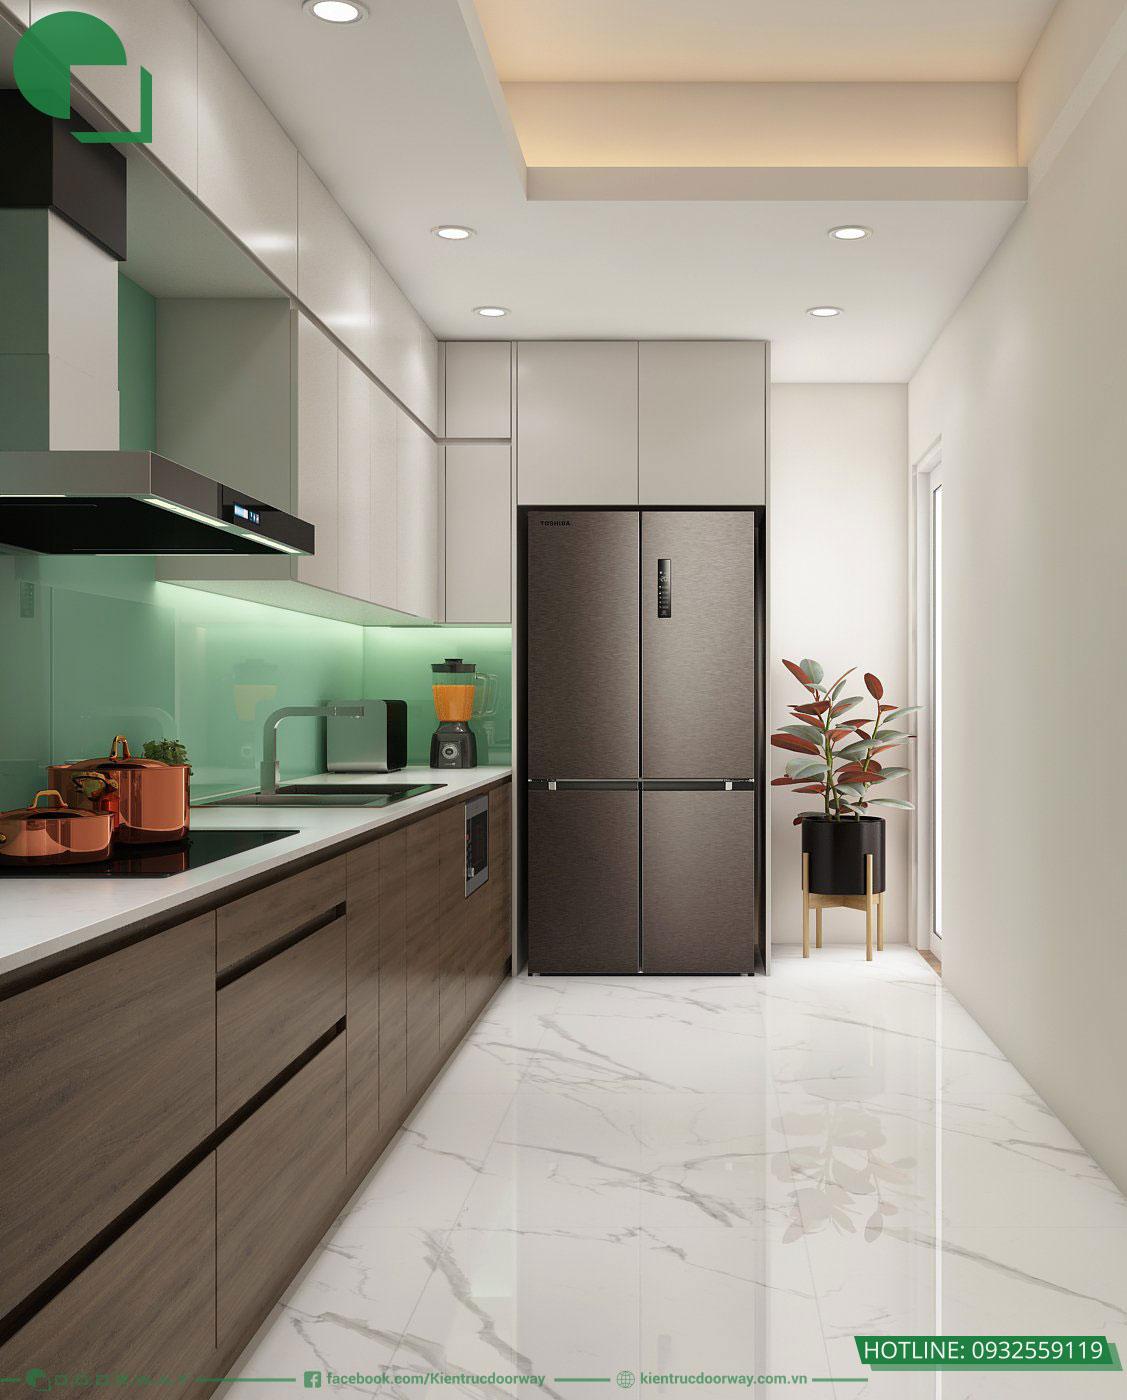 Góc không gian bếp nhỏ nhưng vẫn đầy đủ vật dụng cần thiết